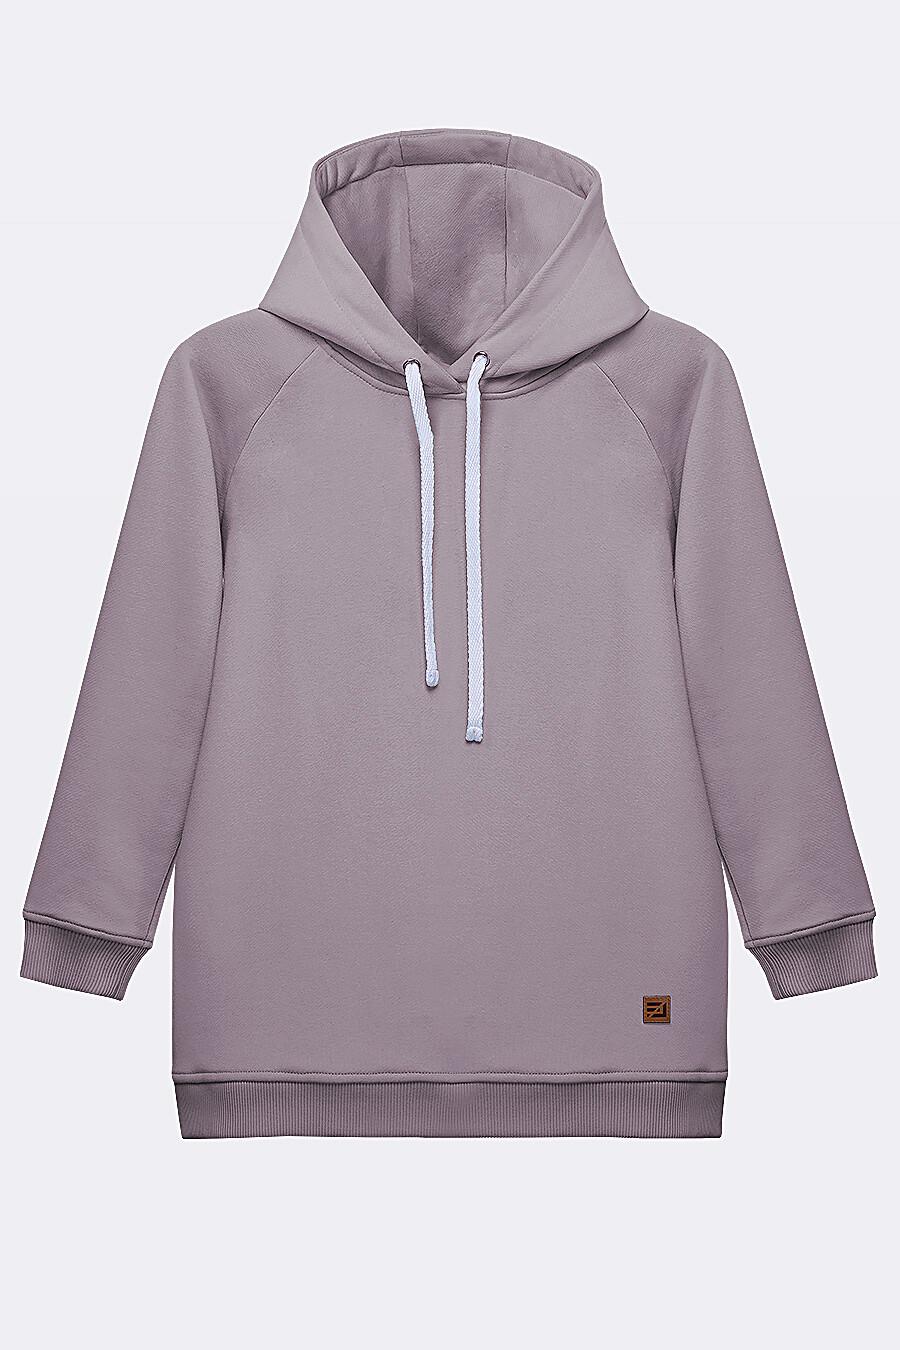 Худи для мальчиков EZANNA 682309 купить оптом от производителя. Совместная покупка детской одежды в OptMoyo